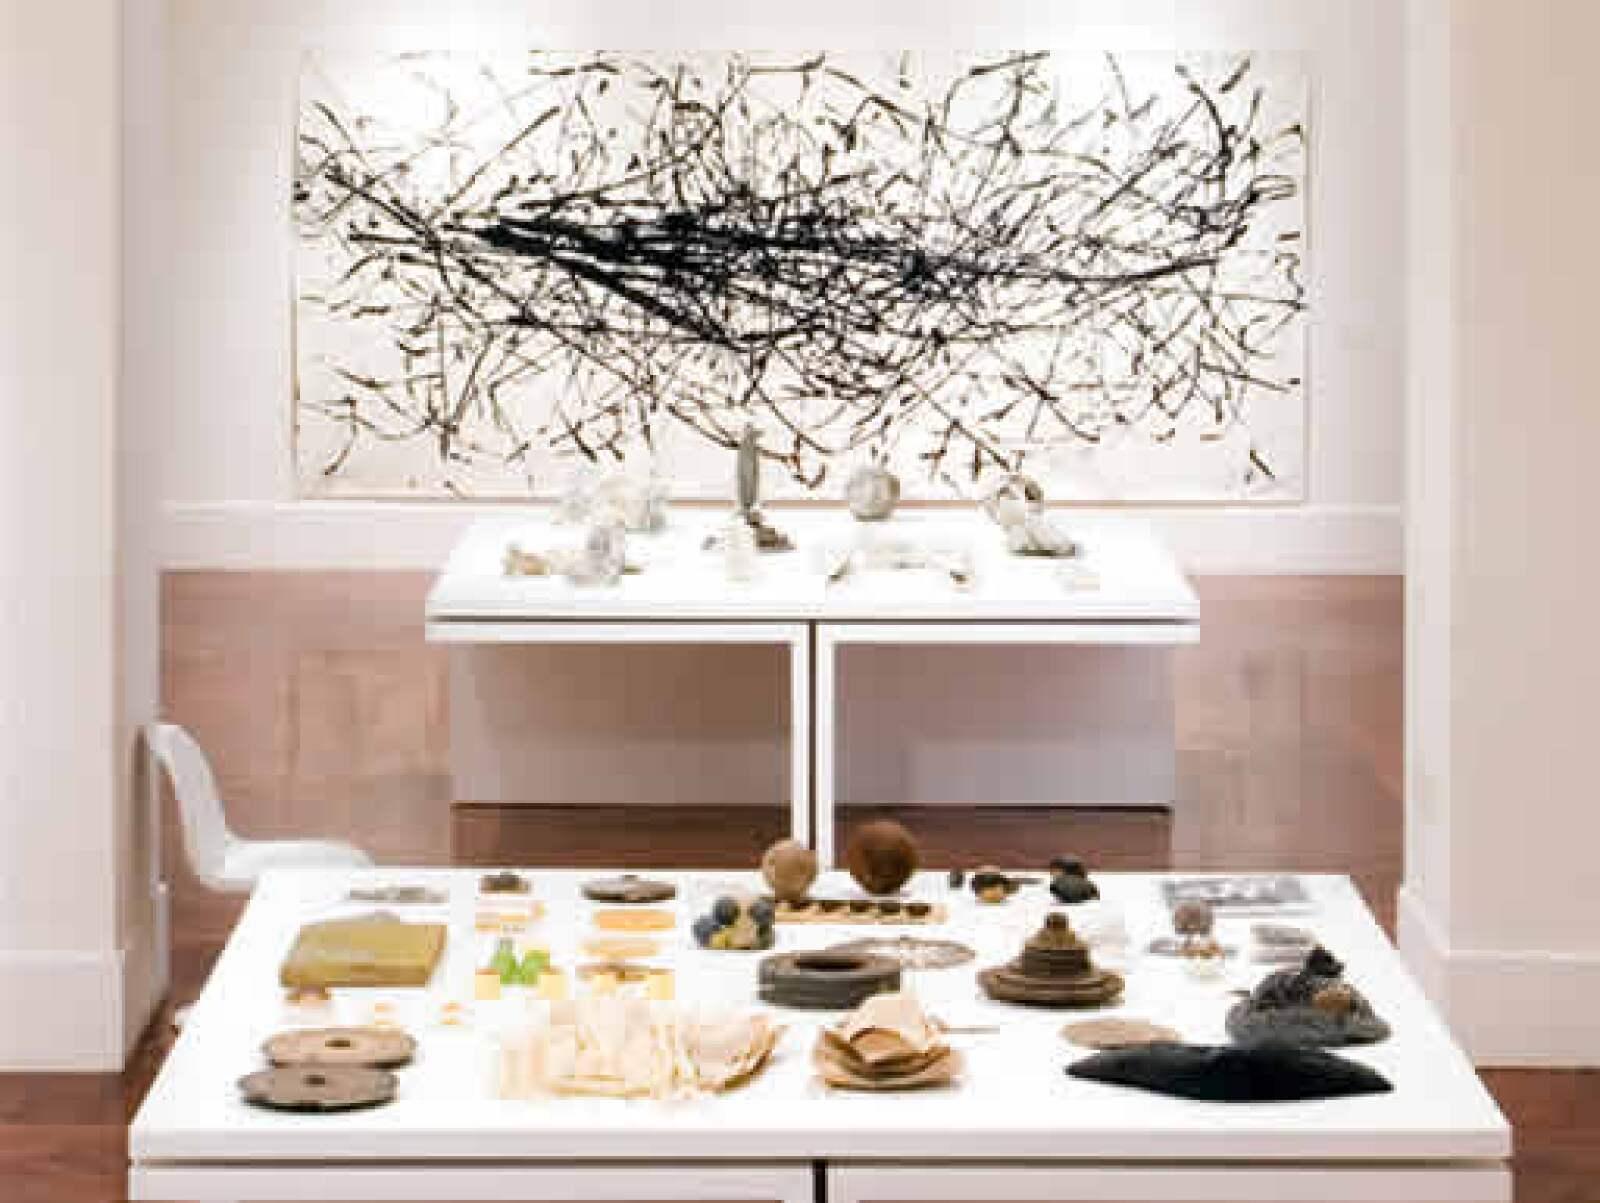 El veracruzano Gabriel Orozco, uno de los artistas contemporáneos mexicanos mejor cotizados y más coleccionados en el mundo, es representado por esta galería. Aquí una muestra de su obra, cuando fue expuesta en el Palacio de Bellas Artes.